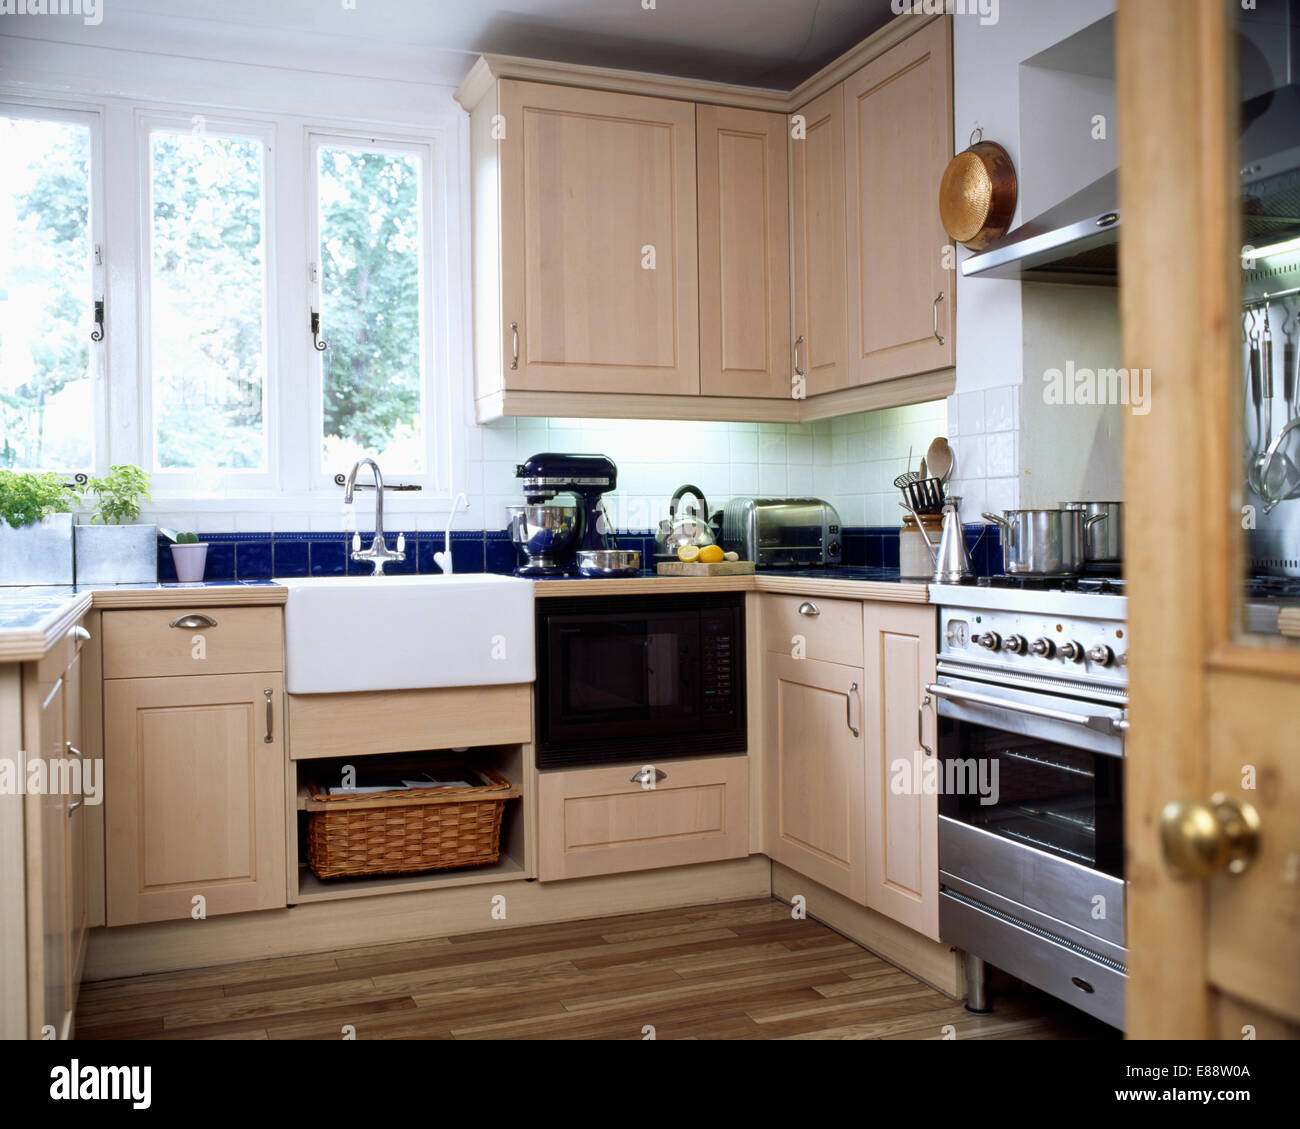 Belfast lavello sotto finestra nella cucina moderna con legno chiaro ...